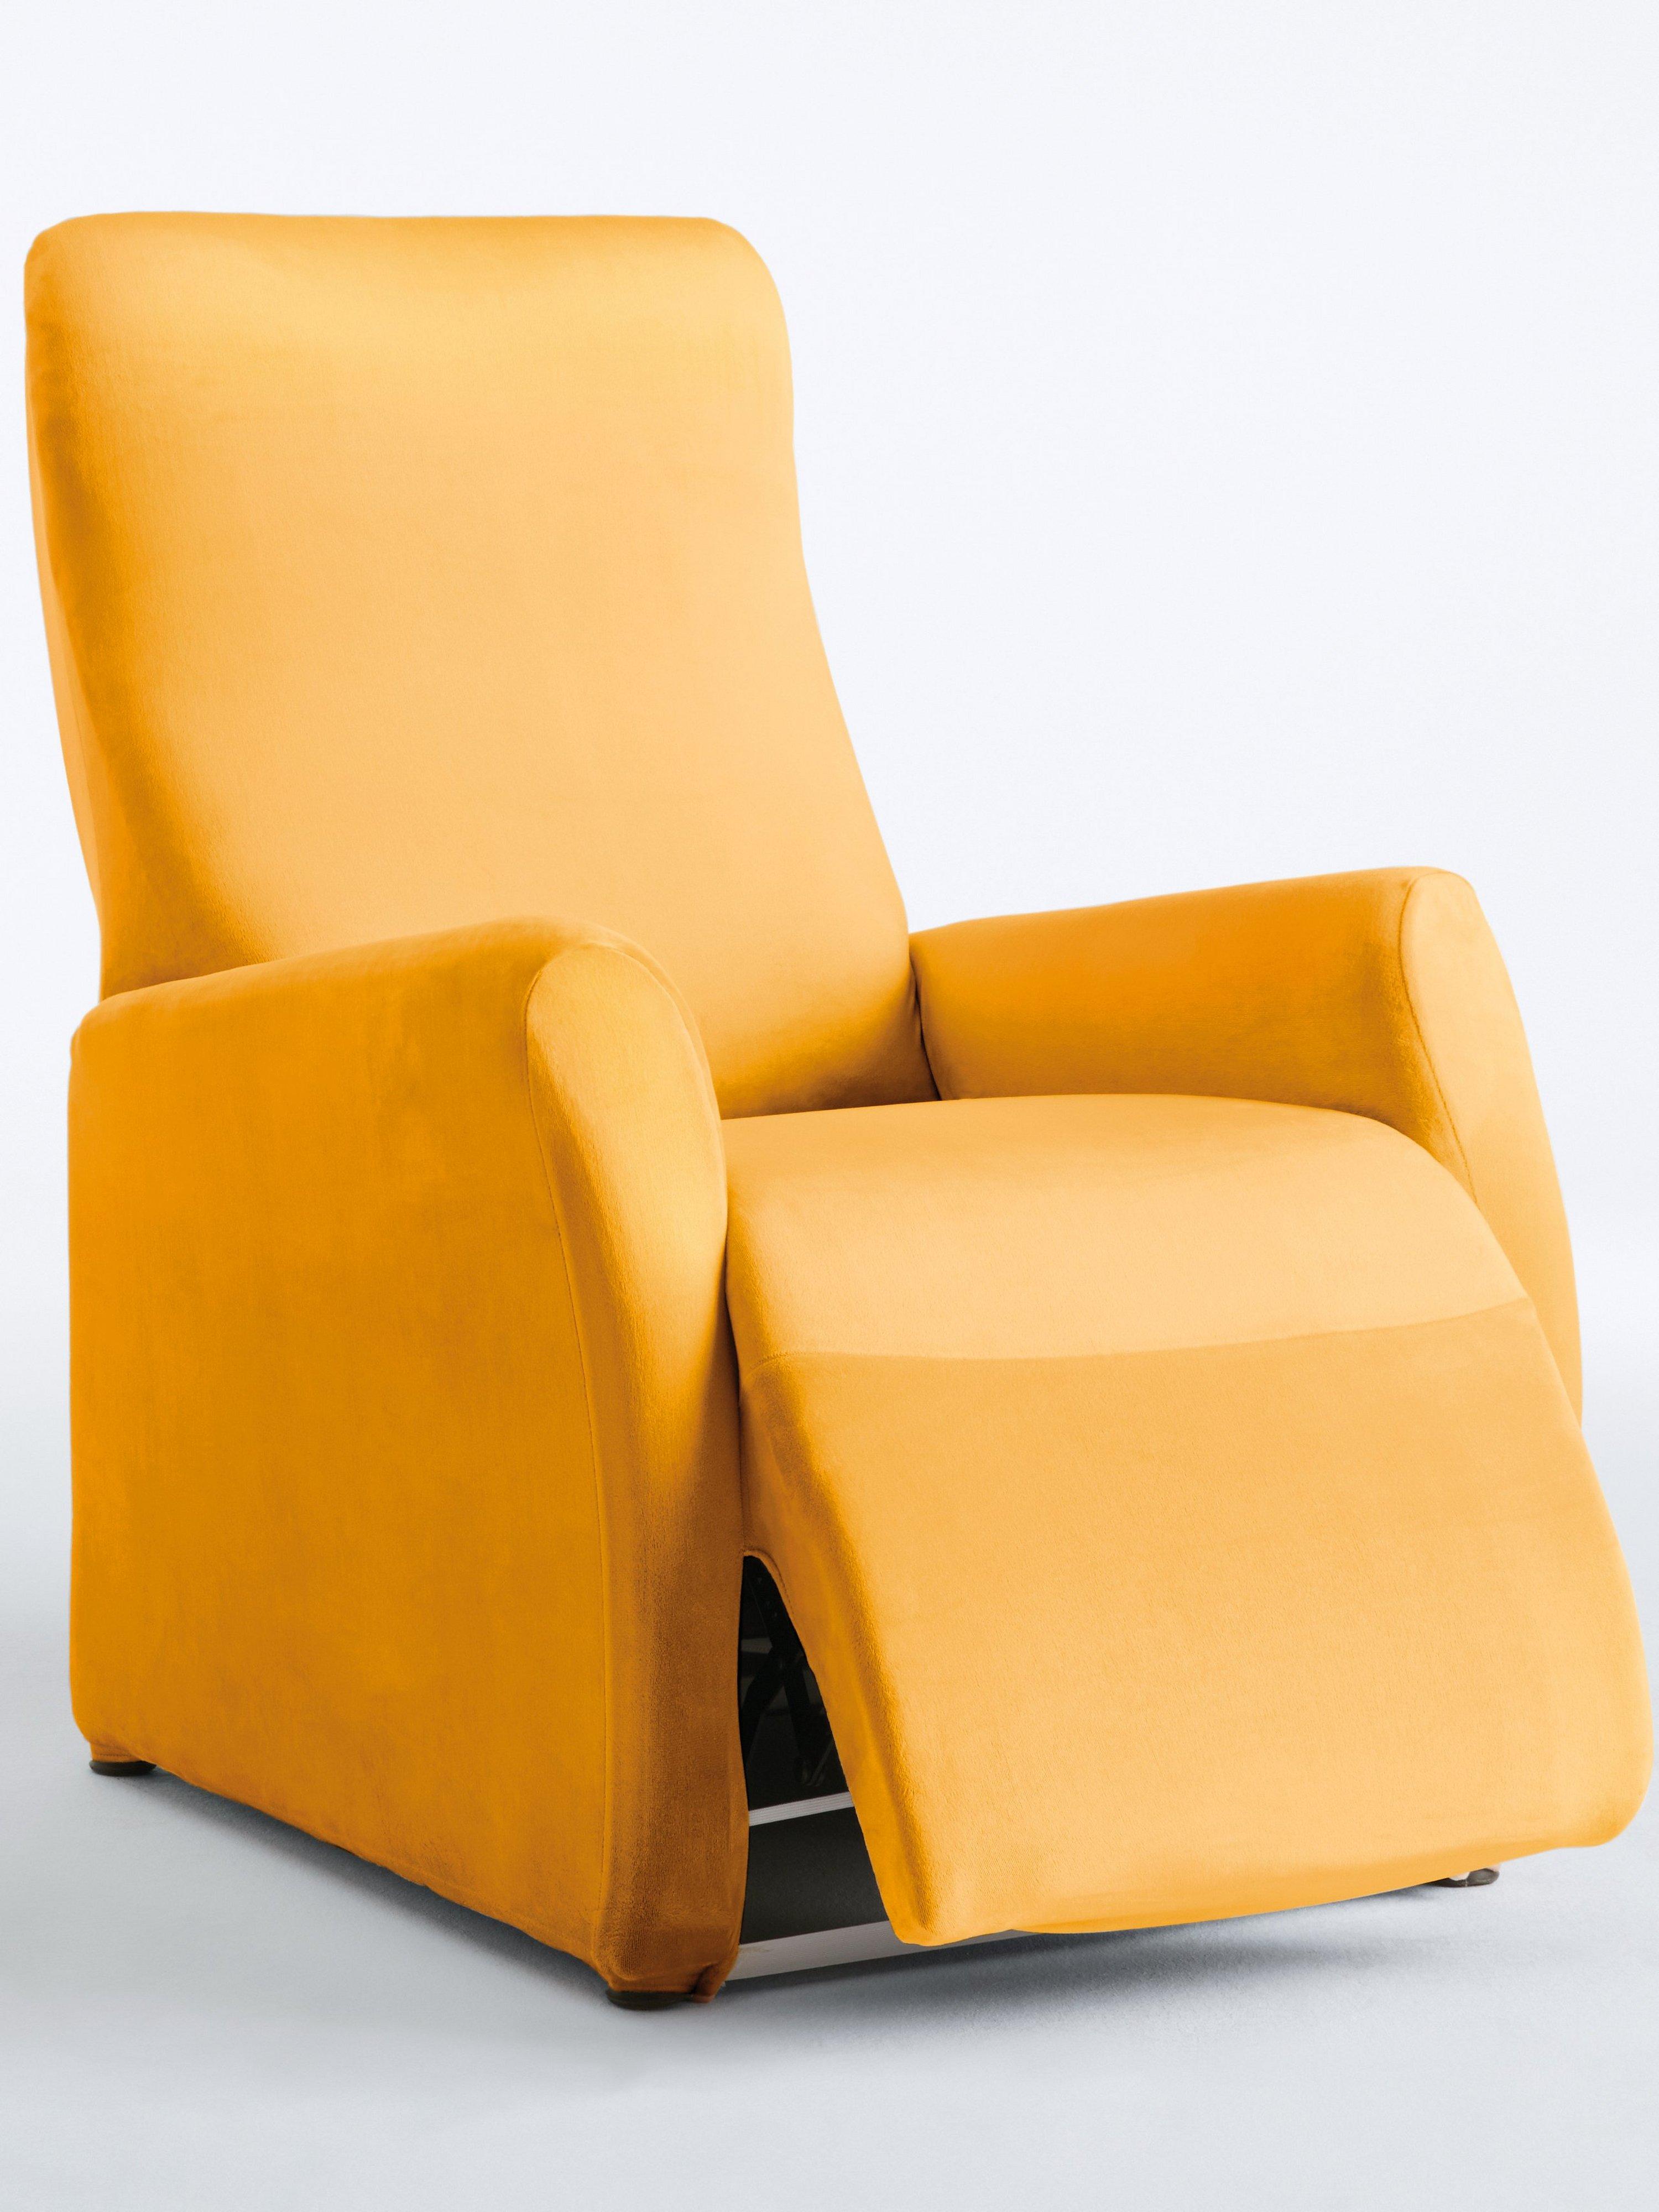 Hoes voor relaxfauteuil ca. 90-100x60−70cm (hxb) Van Peter Hahn geel